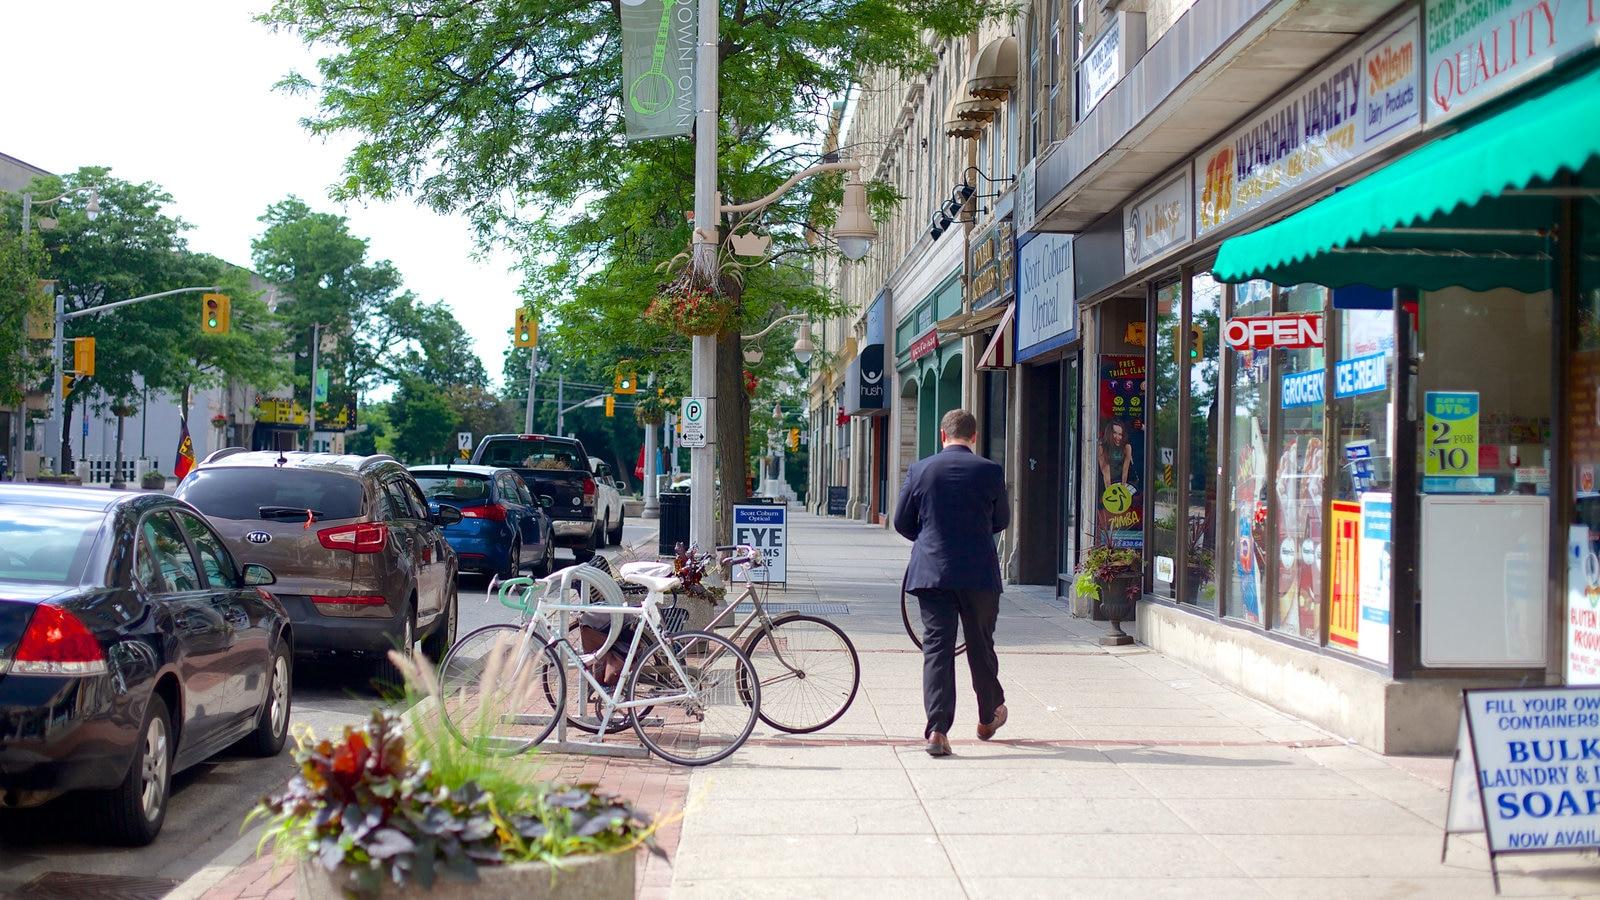 Guelph mostrando cenas de rua assim como um homem sozinho